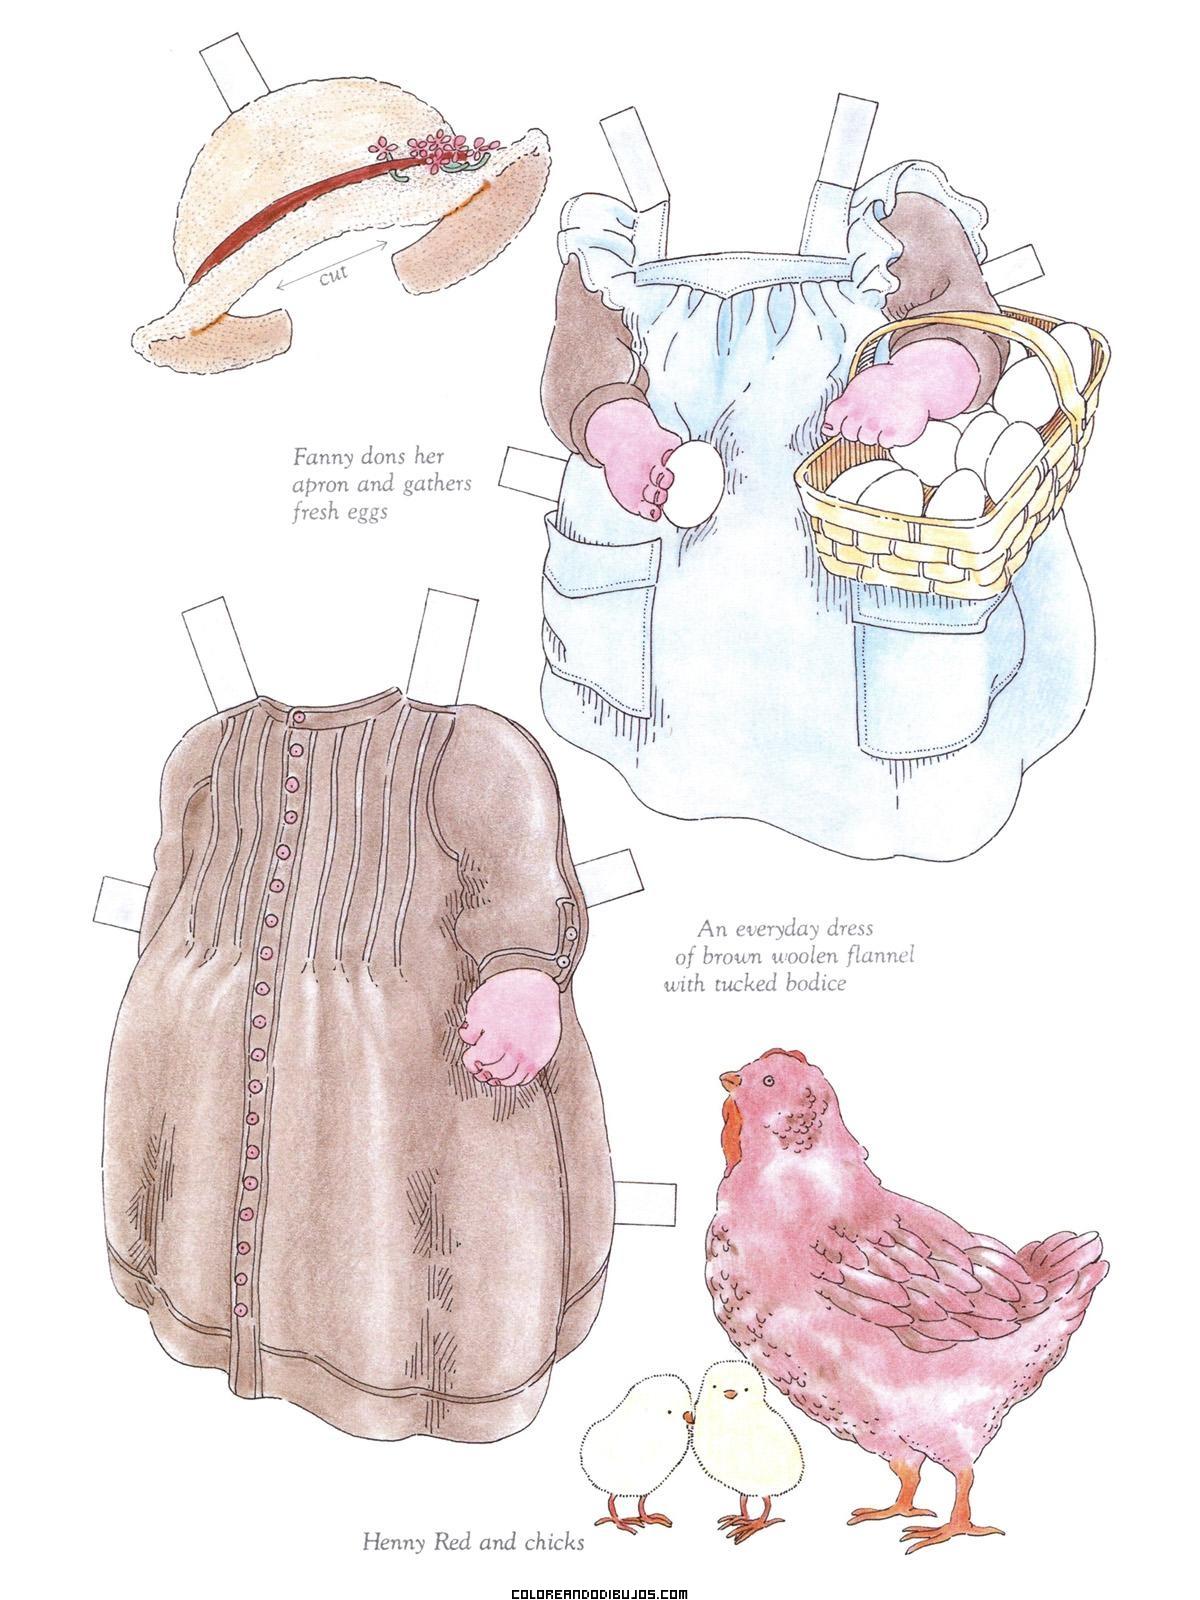 Vestidos recortables para Fanny Louise